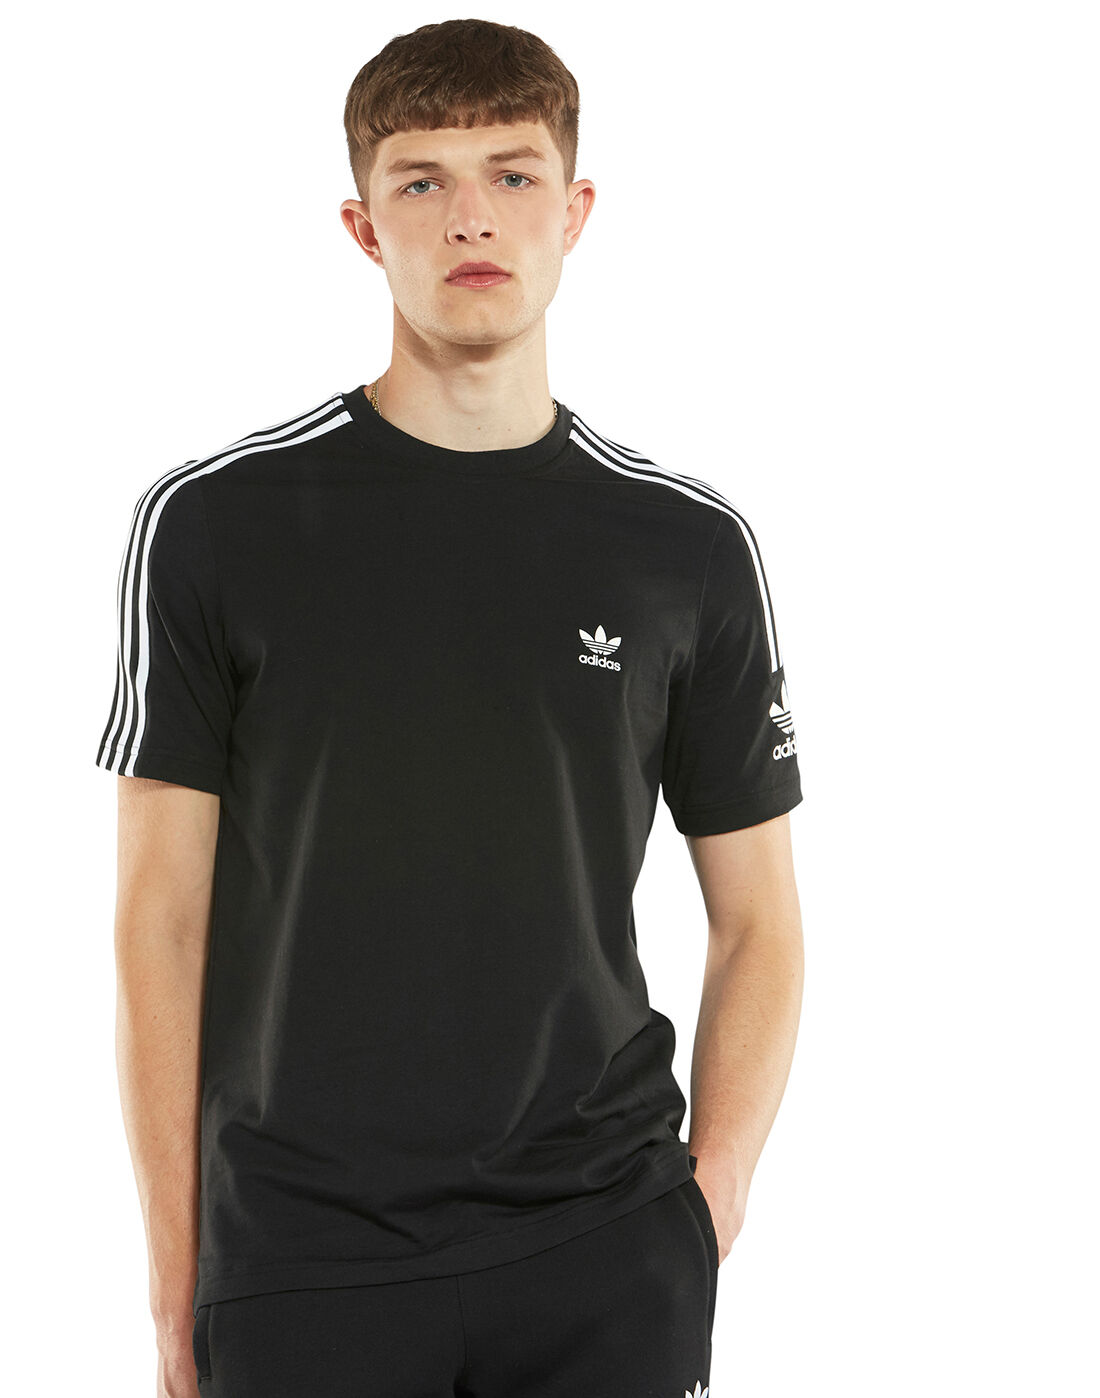 adidas t shirt black